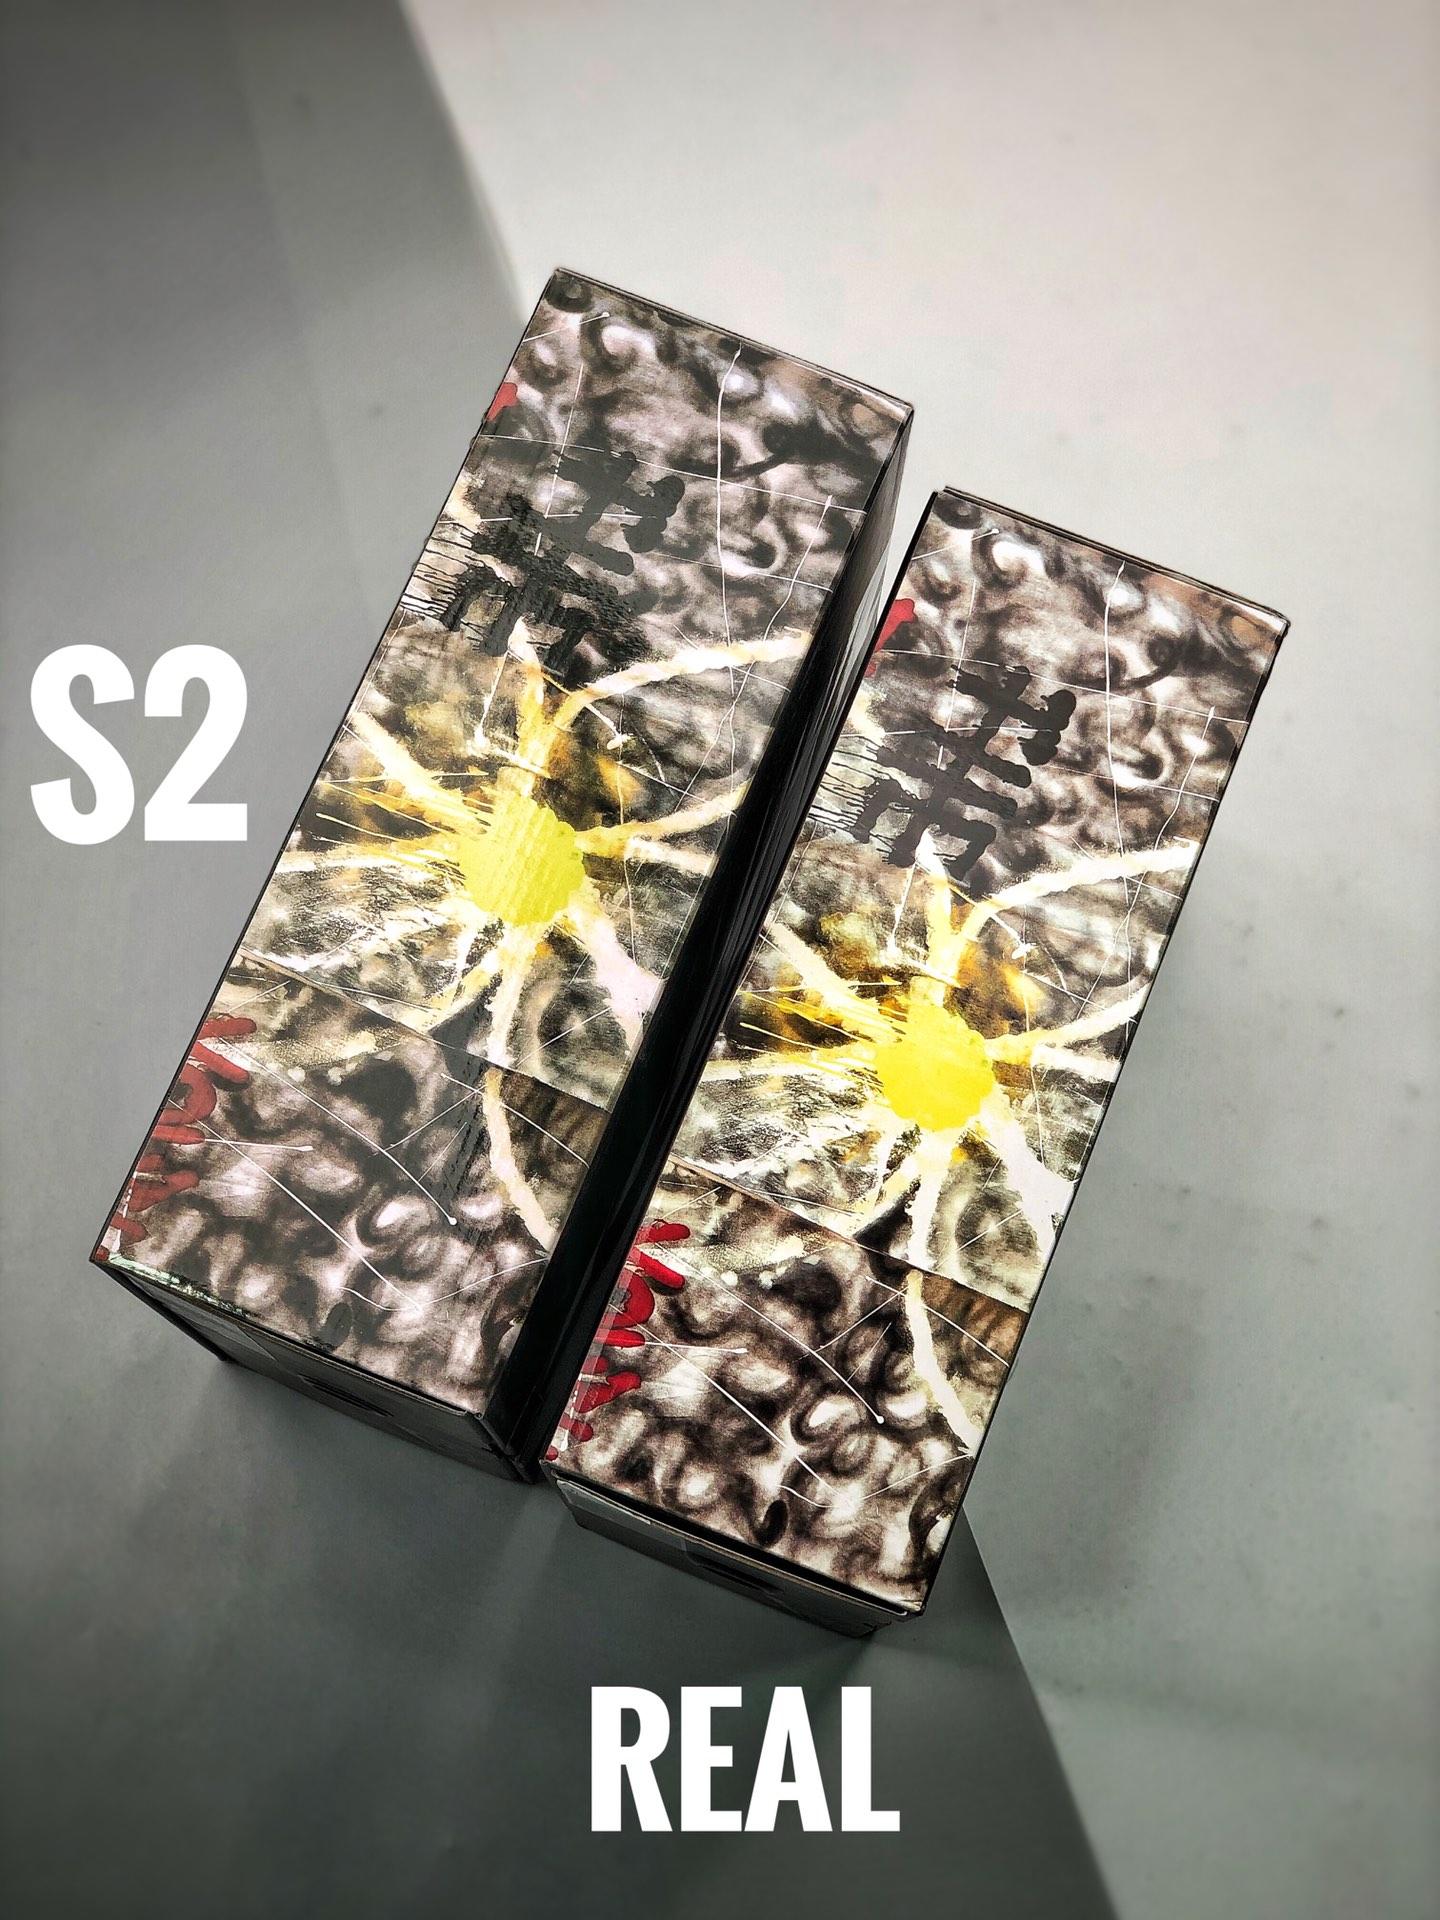 S2纯原 权志龙重磅雏菊联名2.0 对比图